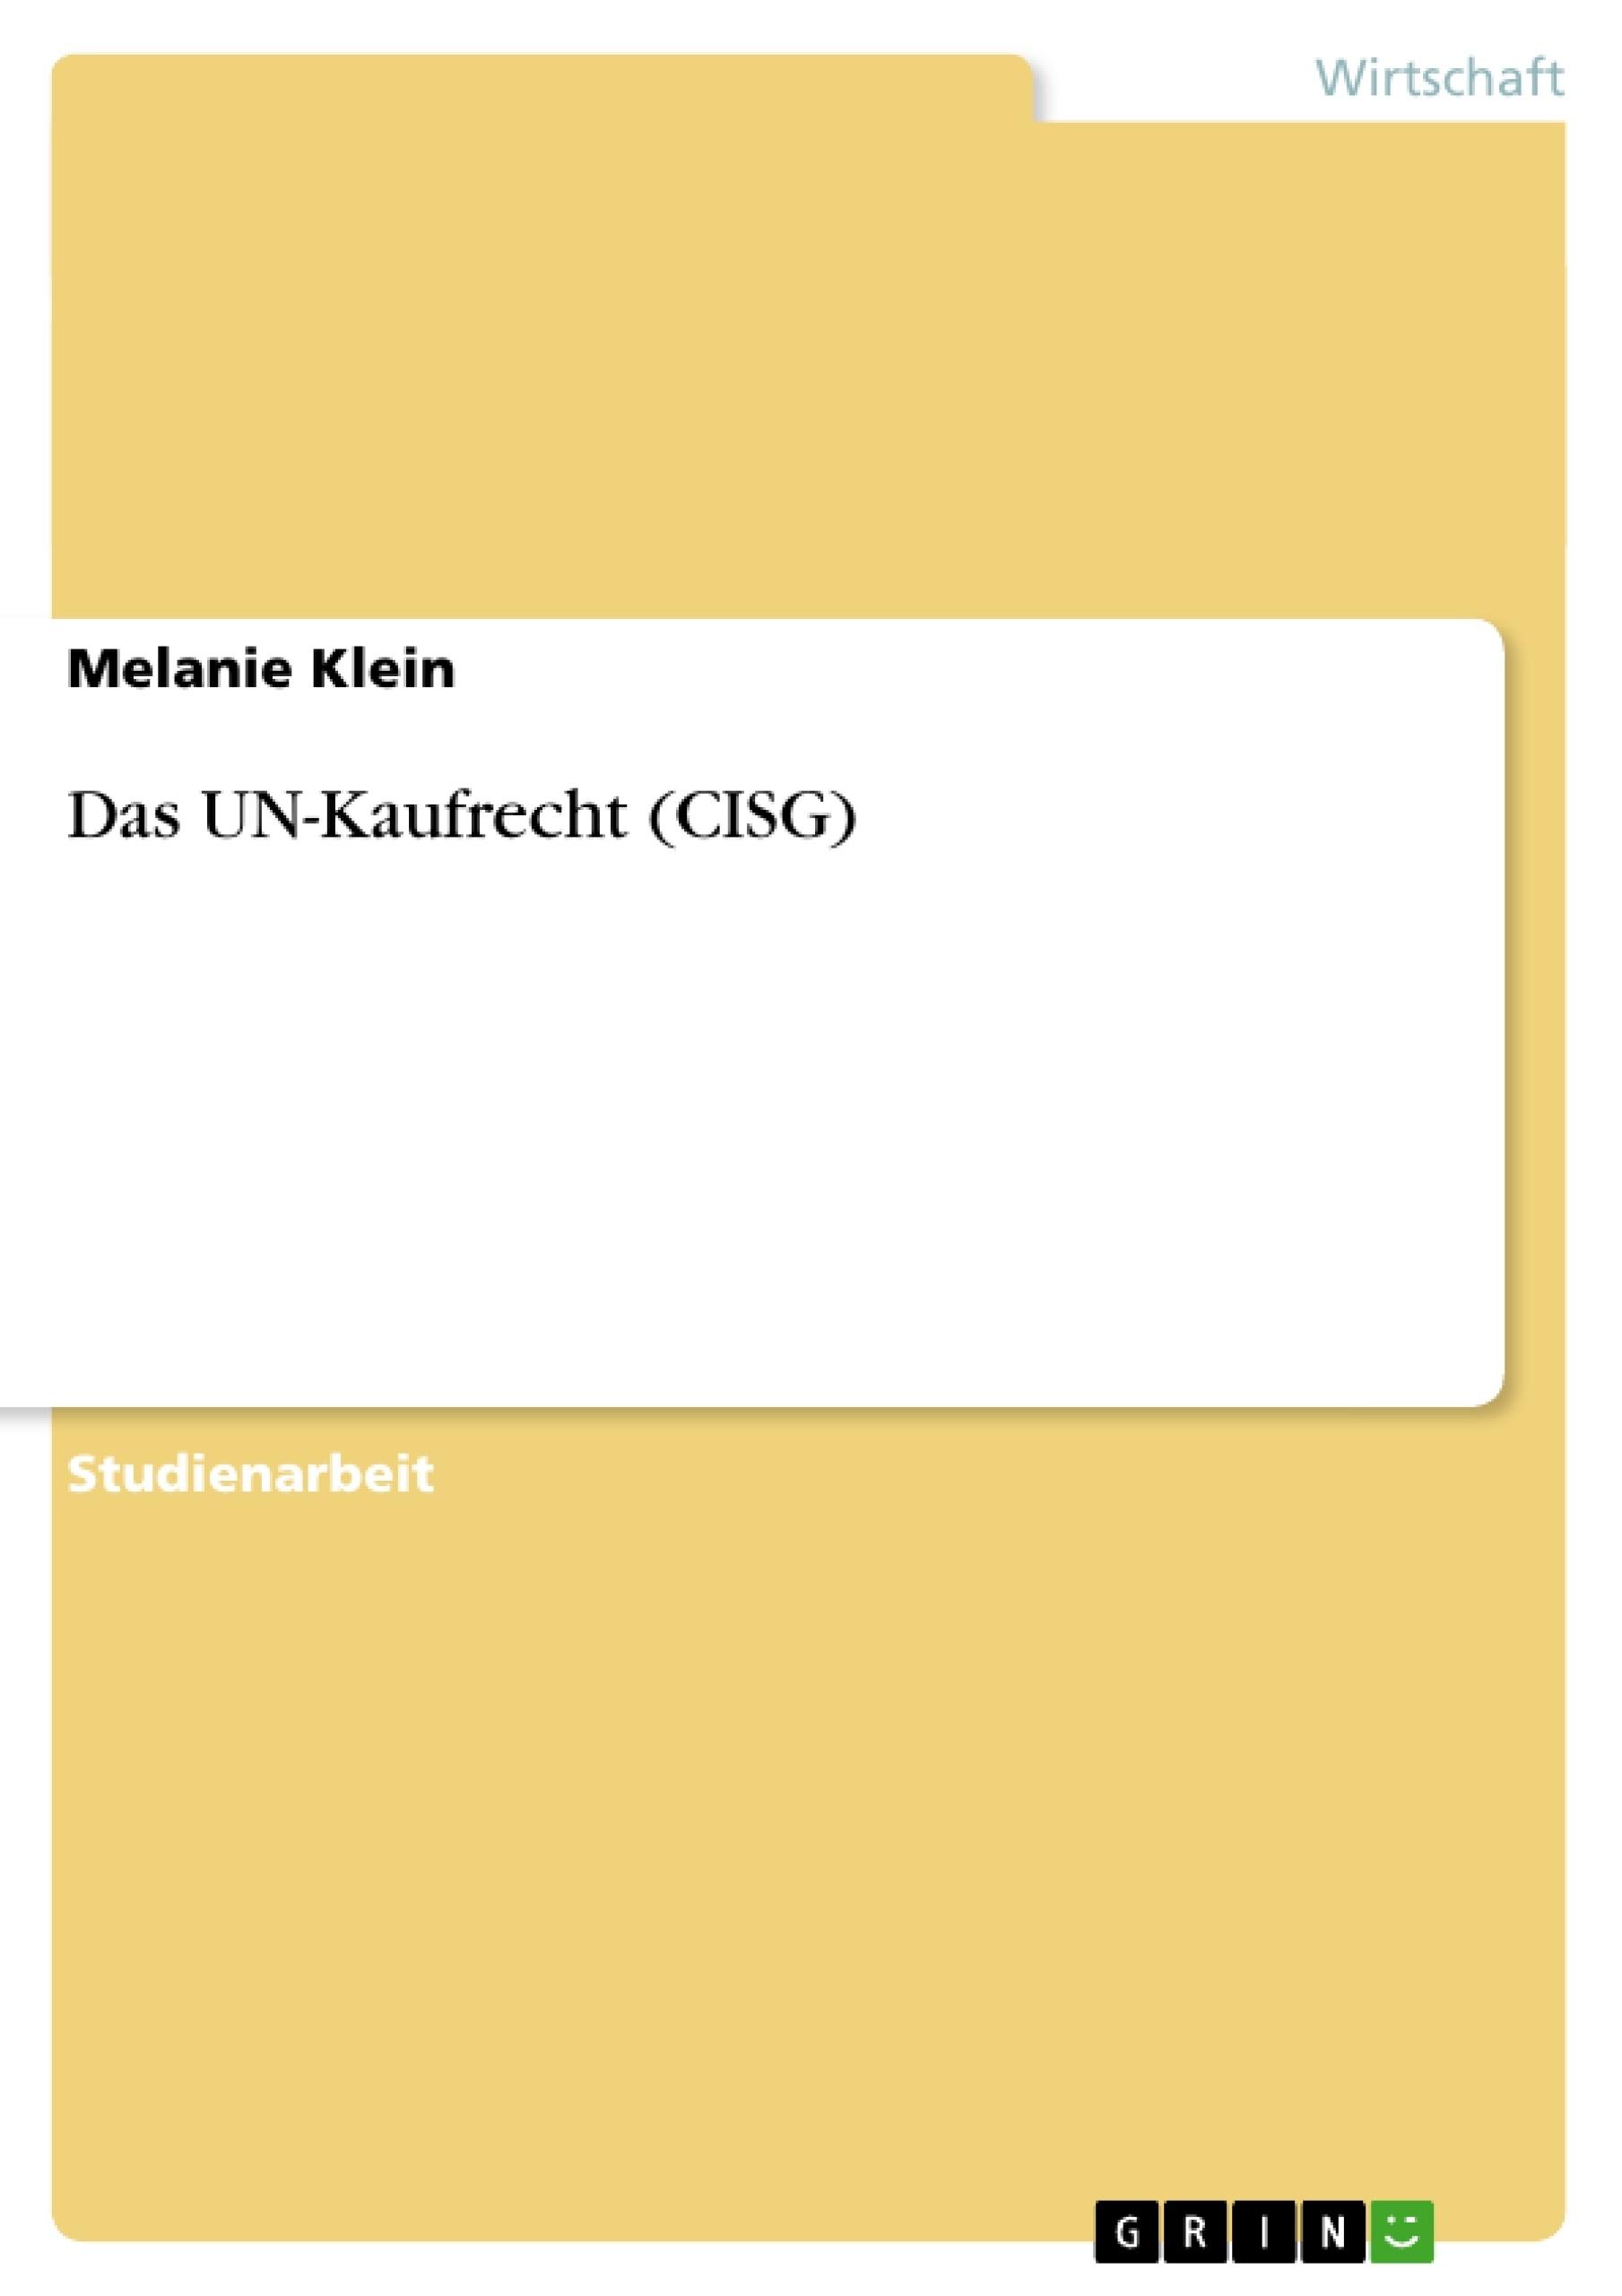 Titel: Das UN-Kaufrecht (CISG)